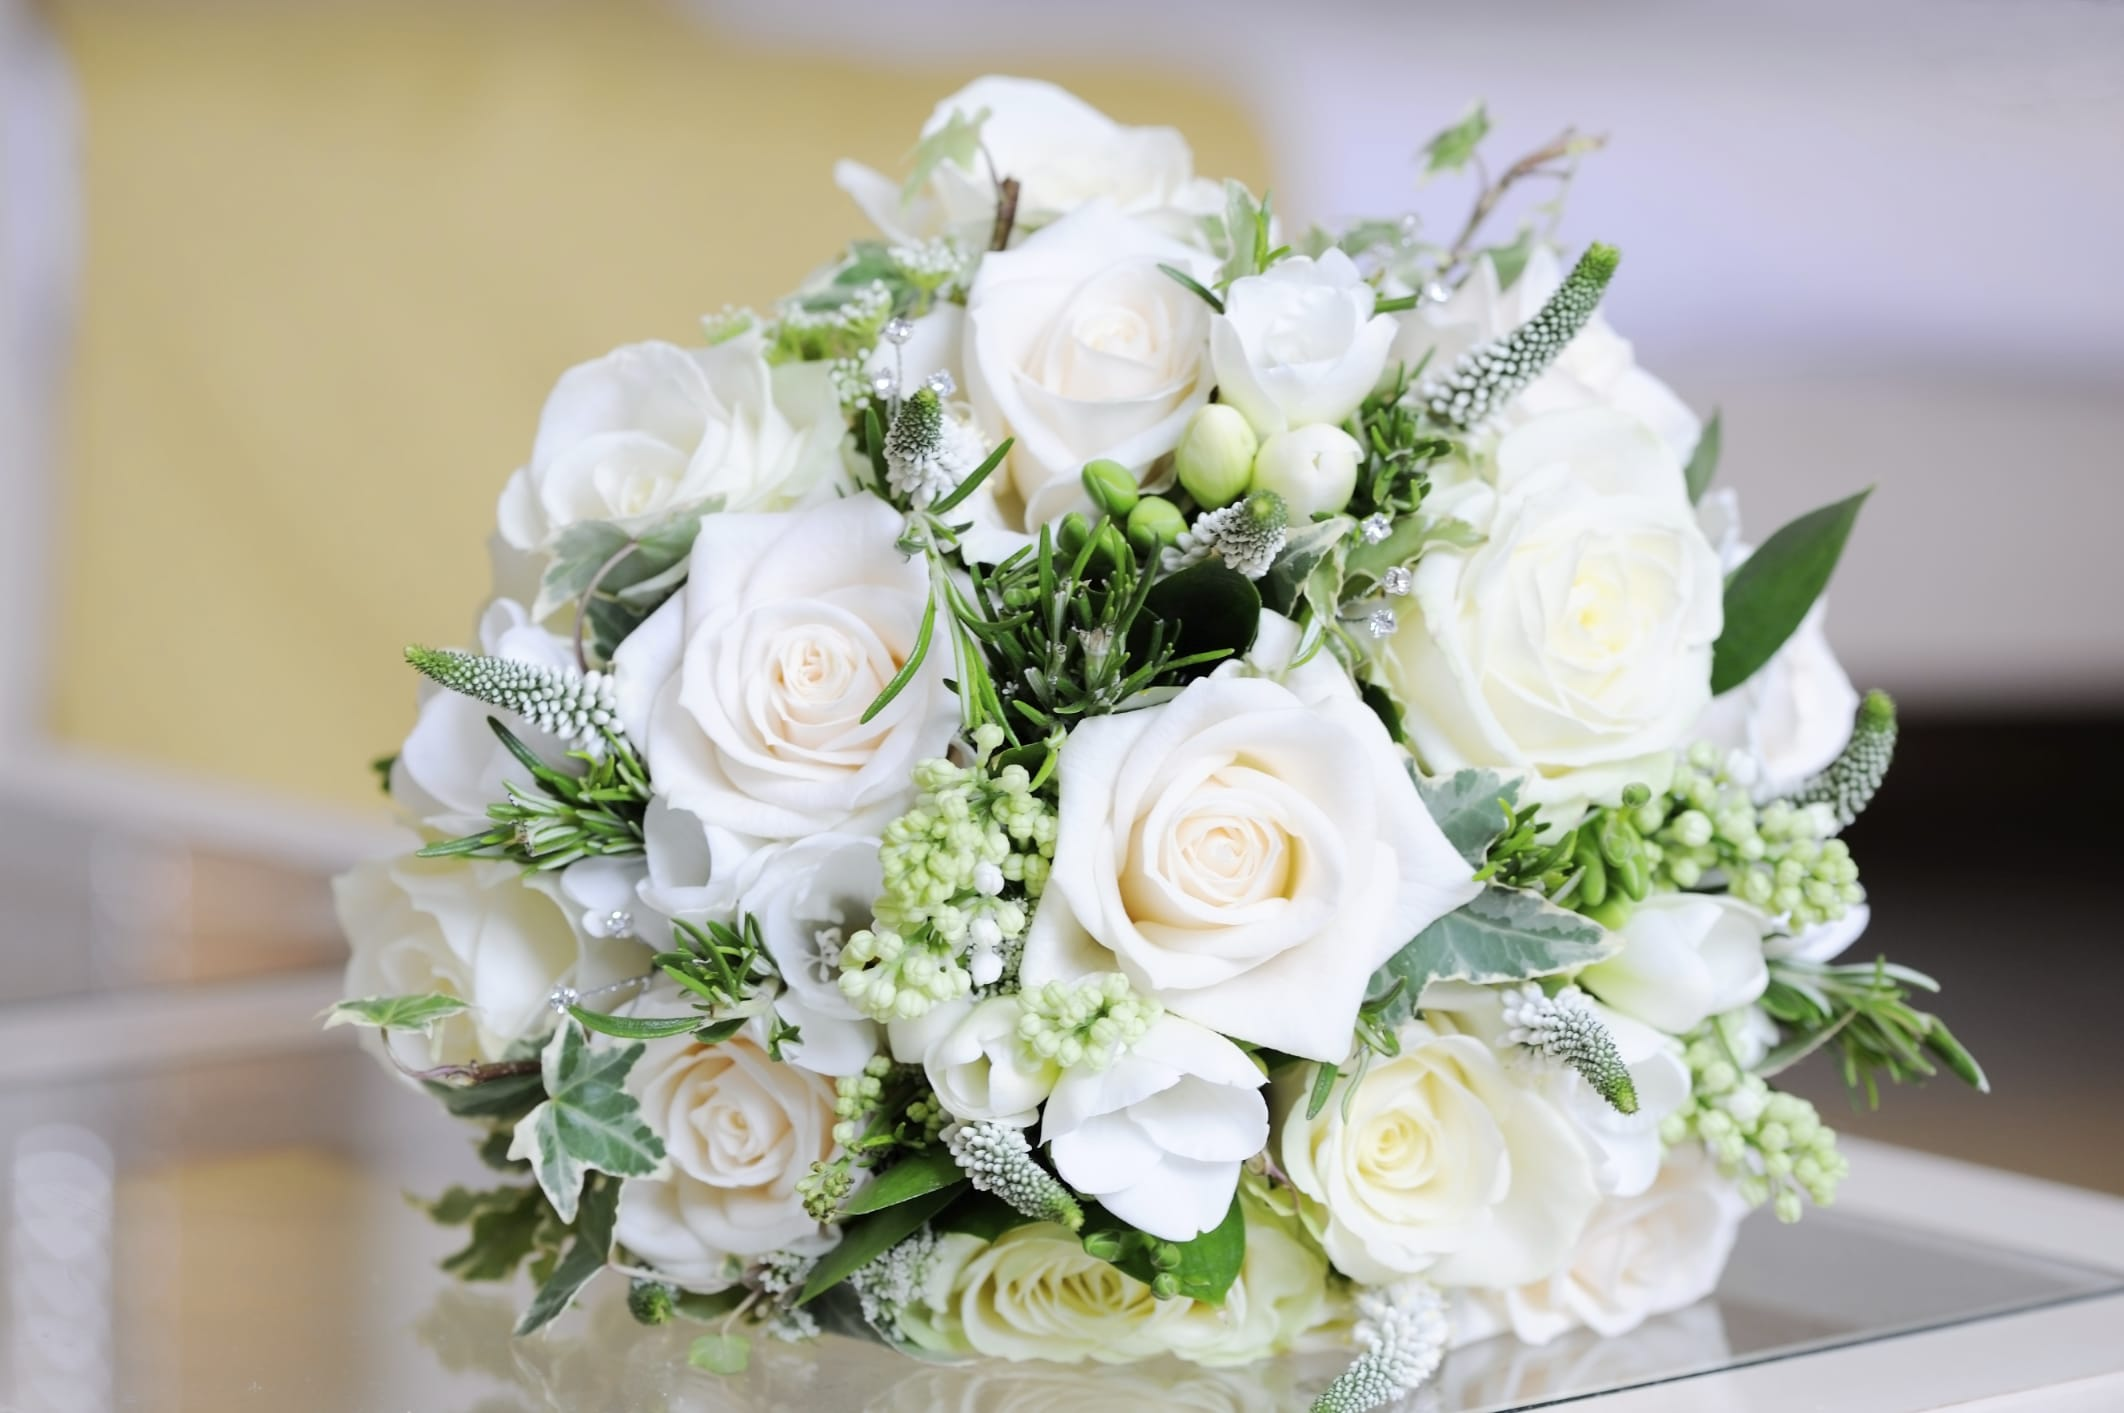 Matrimonio Tema Idea : Riciclo creativo matrimonio tante idee low cost non